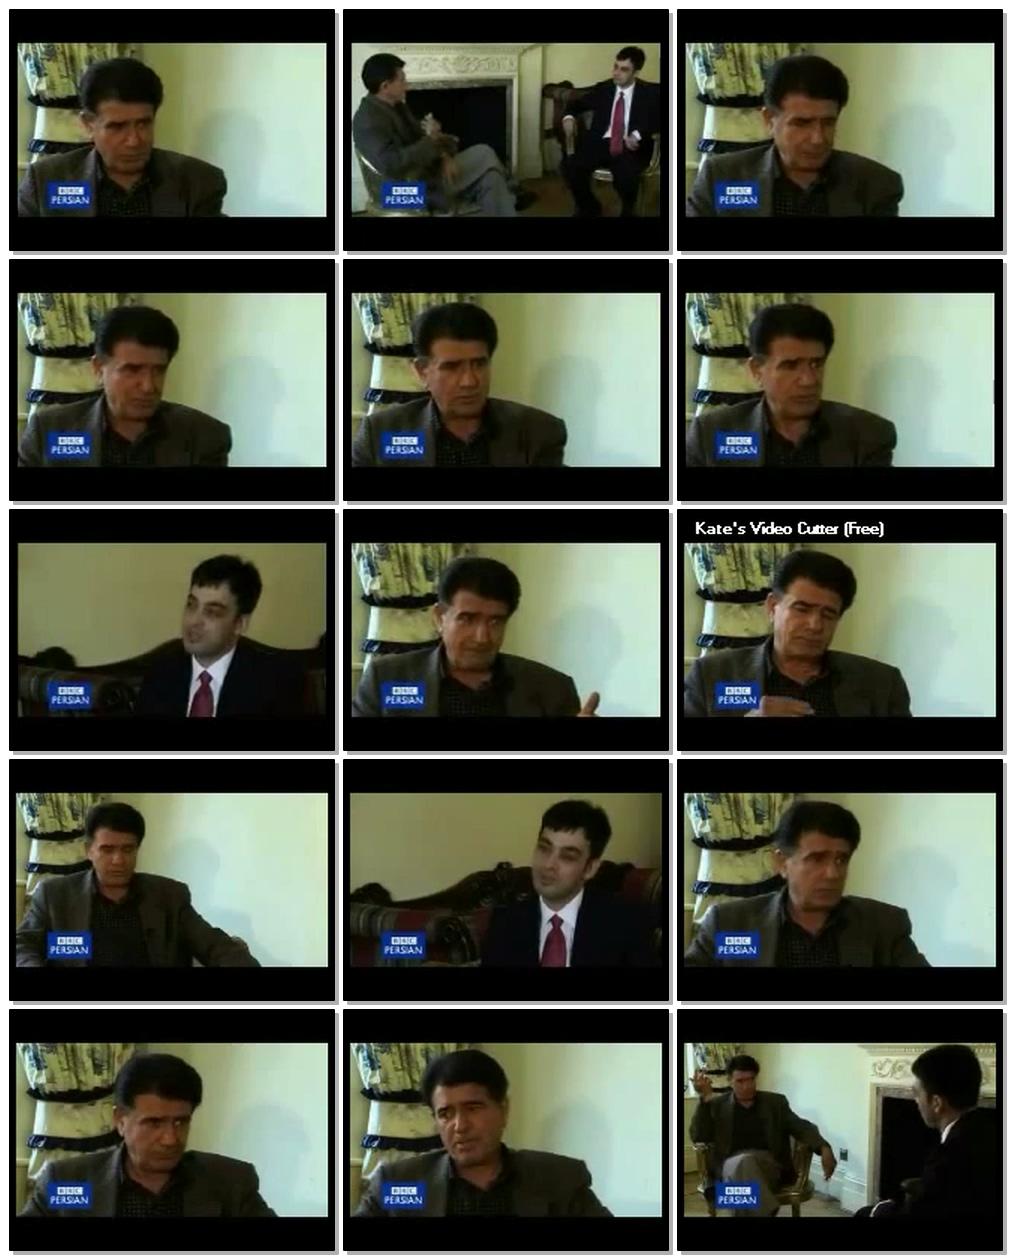 مصاحبهی تصویری بیبیسی فارسی با محمدرضا شجریان پس از کنسرت بزرگداشت سعدی